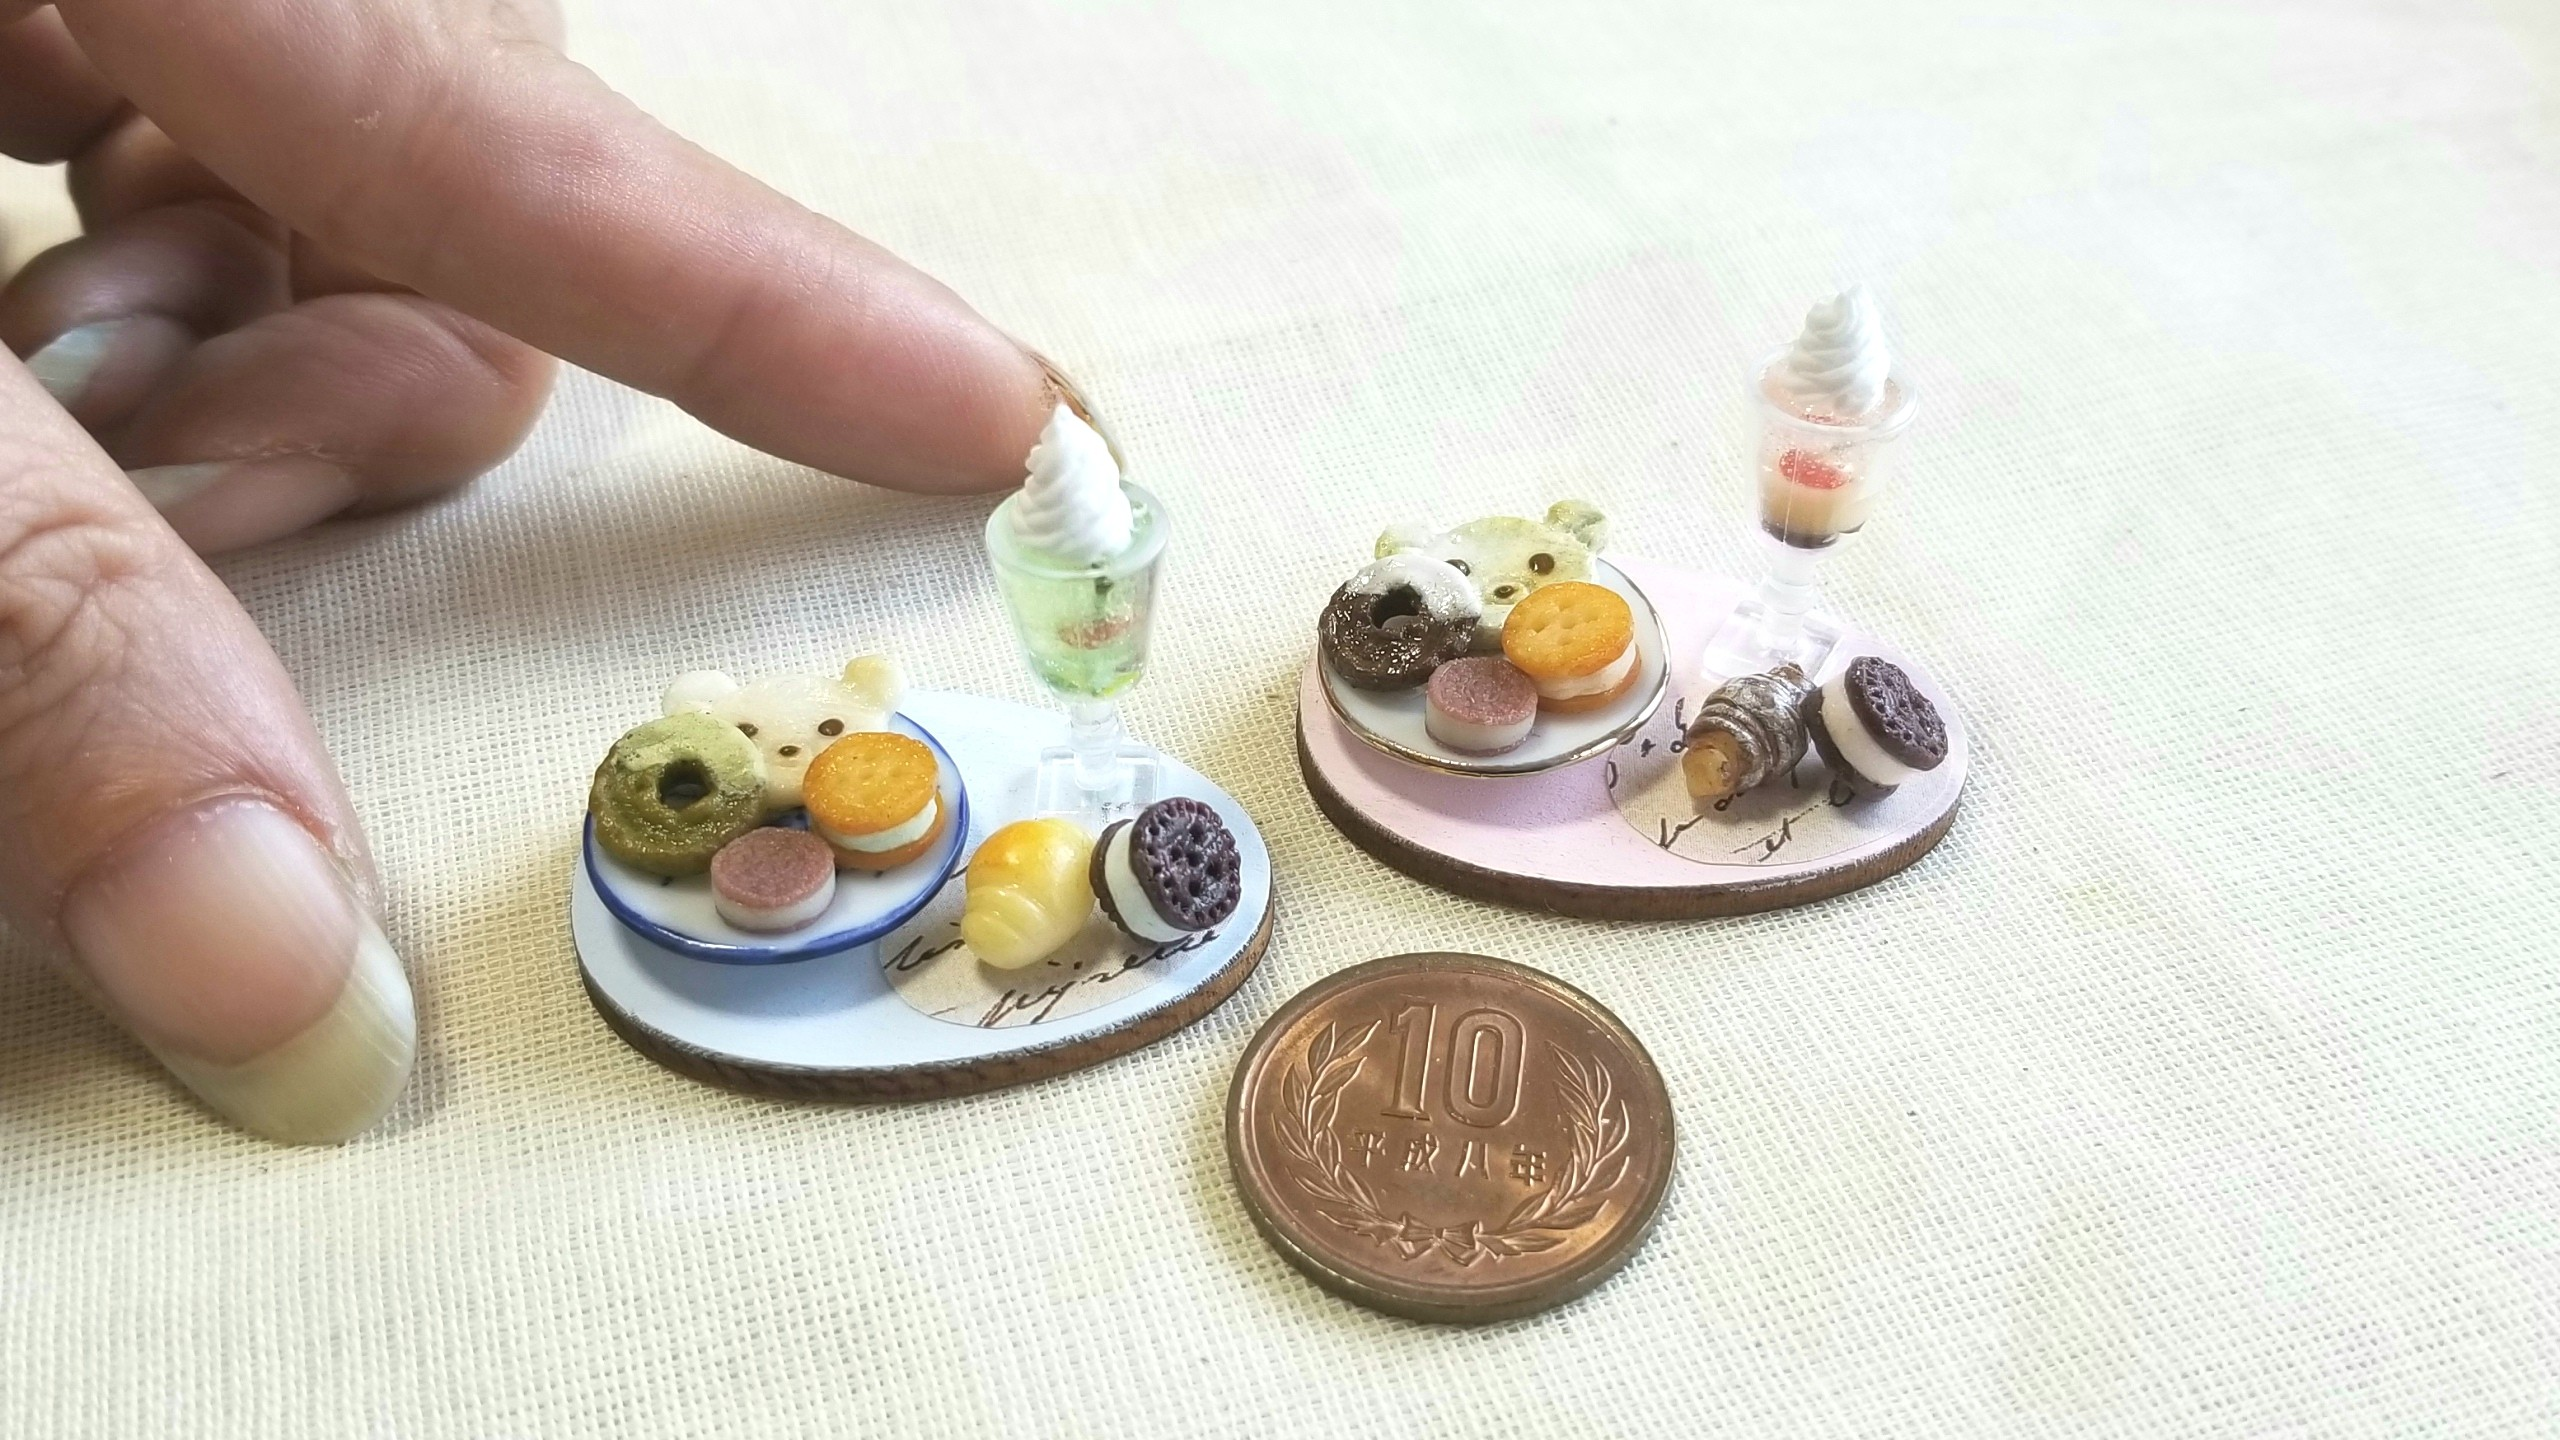 よもぎのミニチュアフード,スイーツお菓子クッキー,樹脂粘土,ブログ